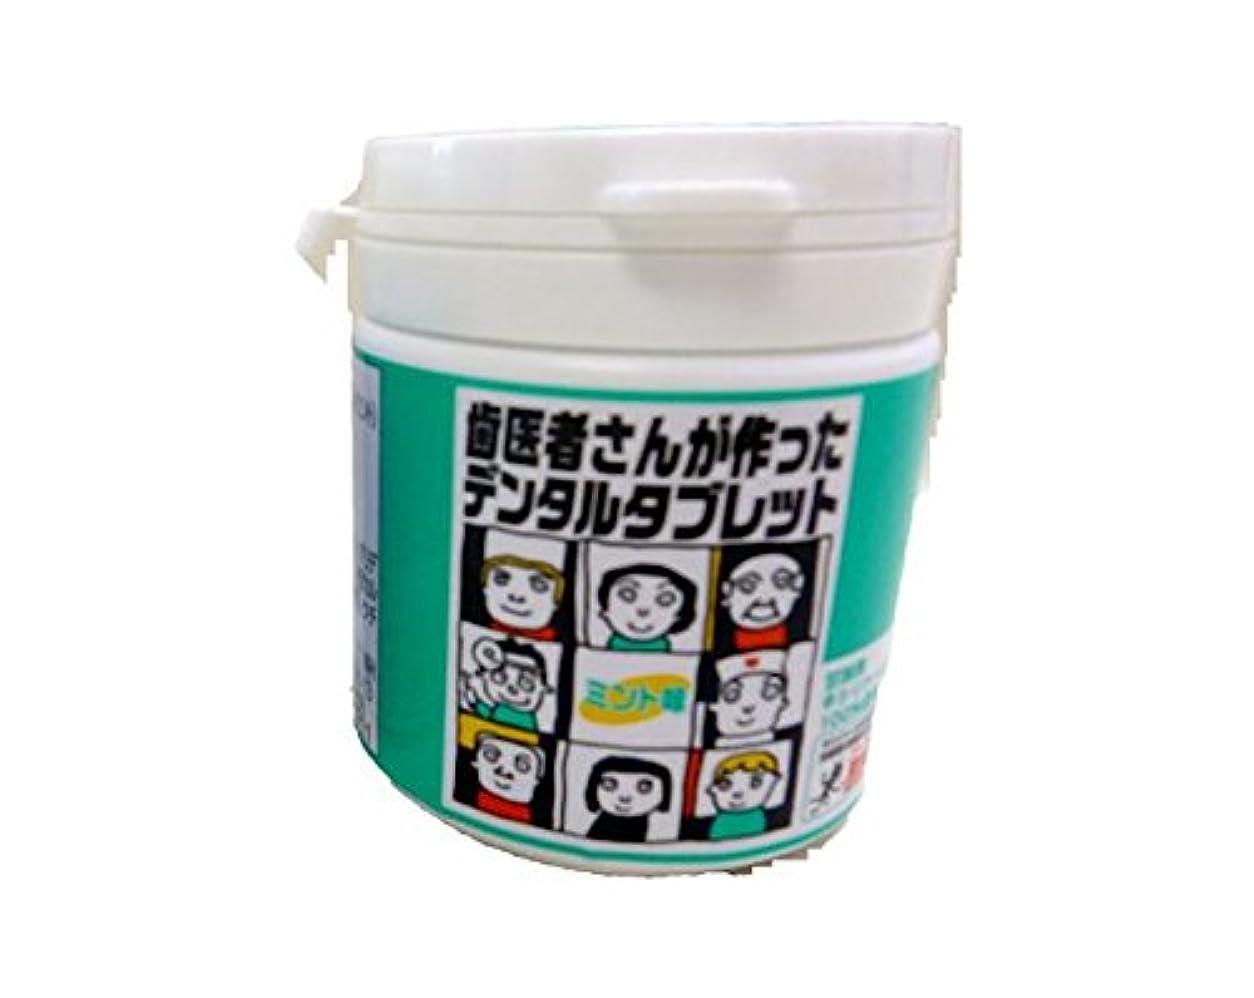 飢のり数字歯医者さんが作ったデンタルタブレット ボトルタイプ 60g (ミント)